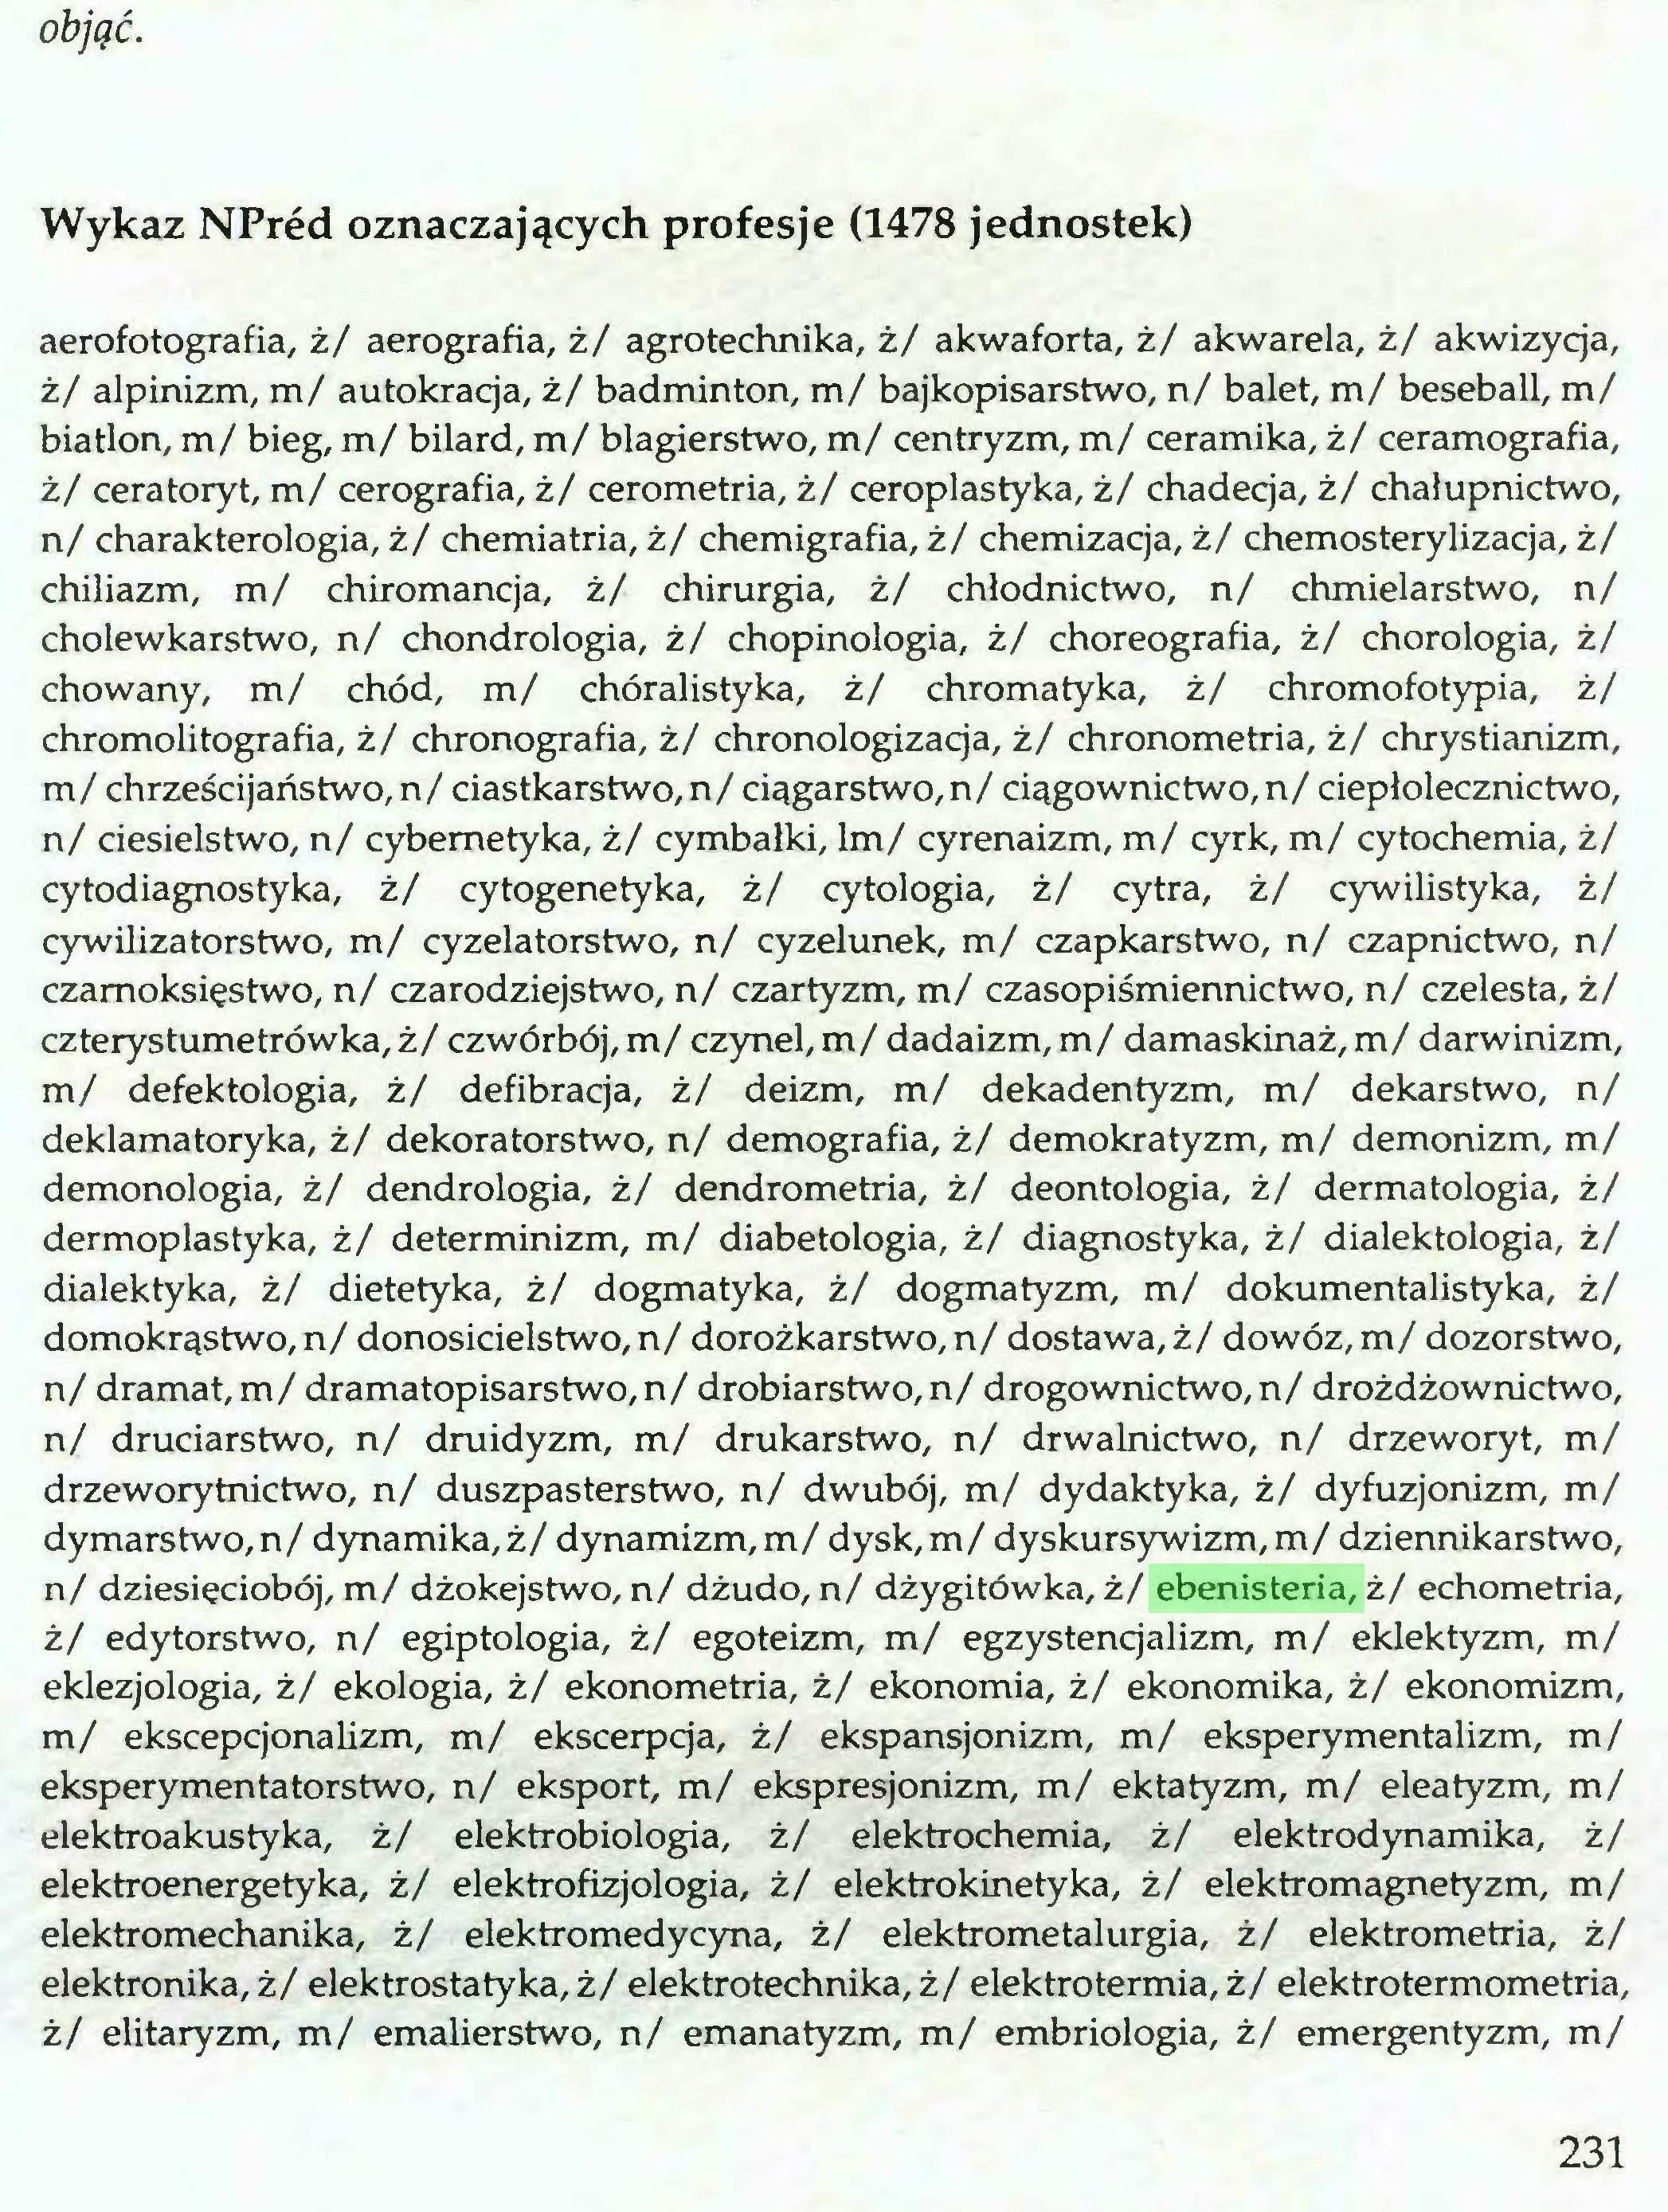 (...) objęć. Wykaz NPred oznaczających profesje (1478 jednostek) aerofotografia, ż/ aerografia, ż/ agrotechnika, ż/ akwaforta, ż/ akwarela, ż/ akwizycja, ż/ alpinizm, m/ autokracja, ż/ badminton, m/ bajkopisarstwo, n/ balet, m/ beseball, m/ biatlon, m/ bieg, m/ bilard, m/ blagierstwo, m/ centryzm, m/ ceramika, ż/ ceramografia, ż/ ceratoryt, m/ cerografia, ż/ cerometria, ż/ ceroplastyka, ż/ chadecja, ż/ chałupnictwo, n/ charakterologia, ż/ chemiatria, ż/ chemigrafia, ż/ chemizacja, ż/ chemosterylizacja, ż/ chiliazm, m/ chiromancja, ż/ chirurgia, ż/ chłodnictwo, n/ chmielarstwo, n/ cholewkarstwo, n/ chondrologia, ż/ chopinologia, ż/ choreografia, ż/ chorologia, ż/ chowany, m/ chód, m/ chóralistyka, ż/ chromatyka, ż/ chromofotypia, ż/ chromolitografia, ż/ chronografia, ż/ chronologizacja, ż/ chronometria, ż/ chrystianizm, m/ chrześcijaństwo, n/ ciastkarstwo,n/ ciagarstwo,n/ ciągownictwo,n/ ciepłolecznictwo, n/ ciesielstwo, n/ cybernetyka, ż/ cymbałki, lm/ cyrenaizm, m/ cyrk, m/ cytochemia, ż/ cytodiagnostyka, ż/ cytogenetyka, ż/ cytologia, ż/ cytra, ż/ cywilistyka, ż/ cywilizatorstwo, m/ cyzelatorstwo, n/ cyzelunek, m/ czapkarstwo, n/ czapnictwo, n/ czamoksięstwo, n/ czarodziejstwo, n/ czartyzm, m/ czasopiśmiennictwo, n/ czelesta, ż/ czterystumetrówka, ż/ czwórbój, m/ czynel, m/ dadaizm, m/ damaskinaż, m/ darwinizm, m/ defektologia, ż/ defibracja, ż/ deizm, m/ dekadentyzm, m/ dekarstwo, n/ deklamatoryka, ż/ dekoratorstwo, n/ demografia, ż/ demokratyzm, m/ demonizm, m/ demonologia, ż/ dendrologia, ż/ dendrometria, ż/ deontologia, ż/ dermatologia, ż/ dermoplastyka, ż/ determinizm, m/ diabetologia, ż/ diagnostyka, ż/ dialektologia, ż/ dialektyka, ż/ dietetyka, ż/ dogmatyka, ż/ dogmatyzm, m/ dokumentalistyka, ż/ domokrąstwo, n/ donosicielstwo, n/ dorożkarstwo, n/ dostawa, ż/ dowóz, m/ dozorstwo, n/ dramat, m/ dramatopisarstwo,n/ drobiarstwo, n/ drogownictwo, n/ drożdżownictwo, n/ druciarstwo, n/ druidyzm, m/ drukarstwo, n/ drwalnictwo, n/ drzeworyt, m/ drzeworytnictwo, n/ 